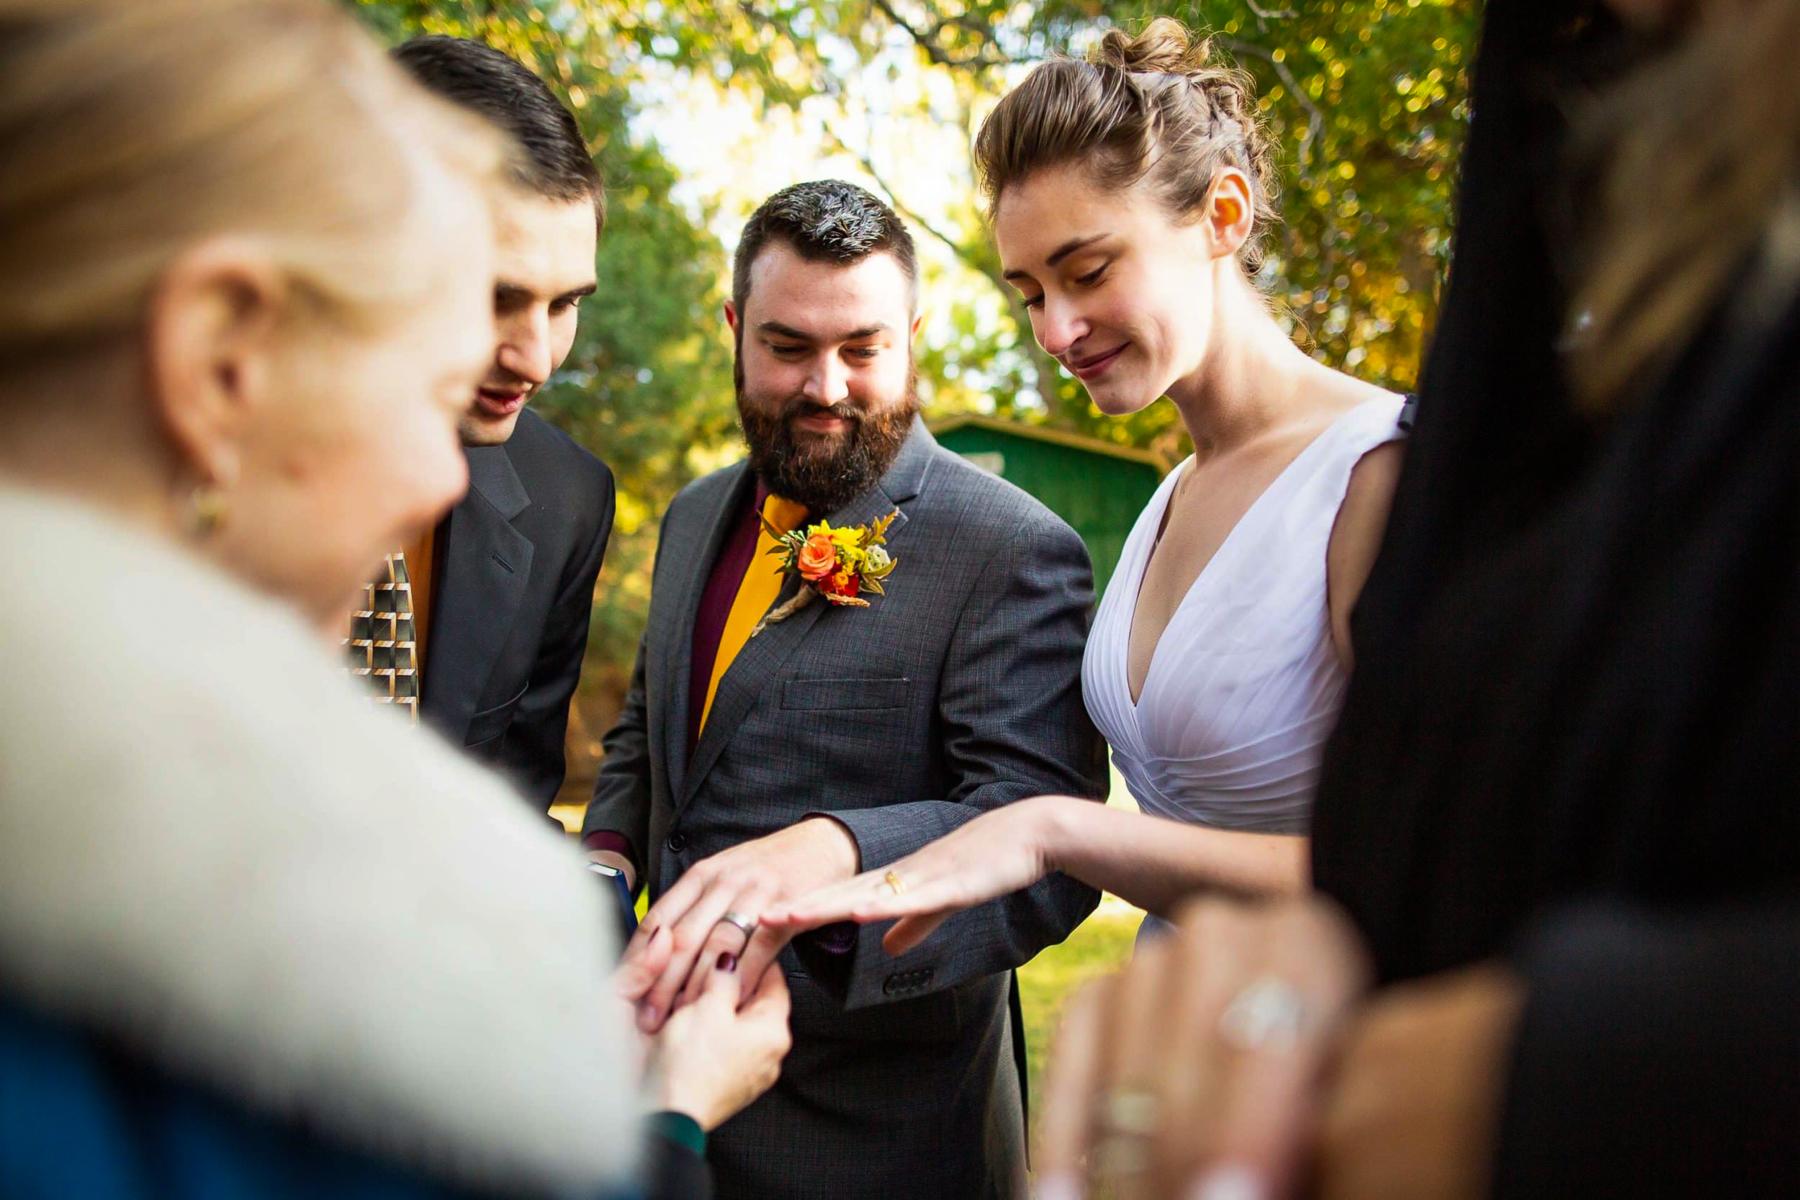 Kreative Hochzeitsfotografie in Colorado | Die wenigen Gäste bewundern die Pärchenringe